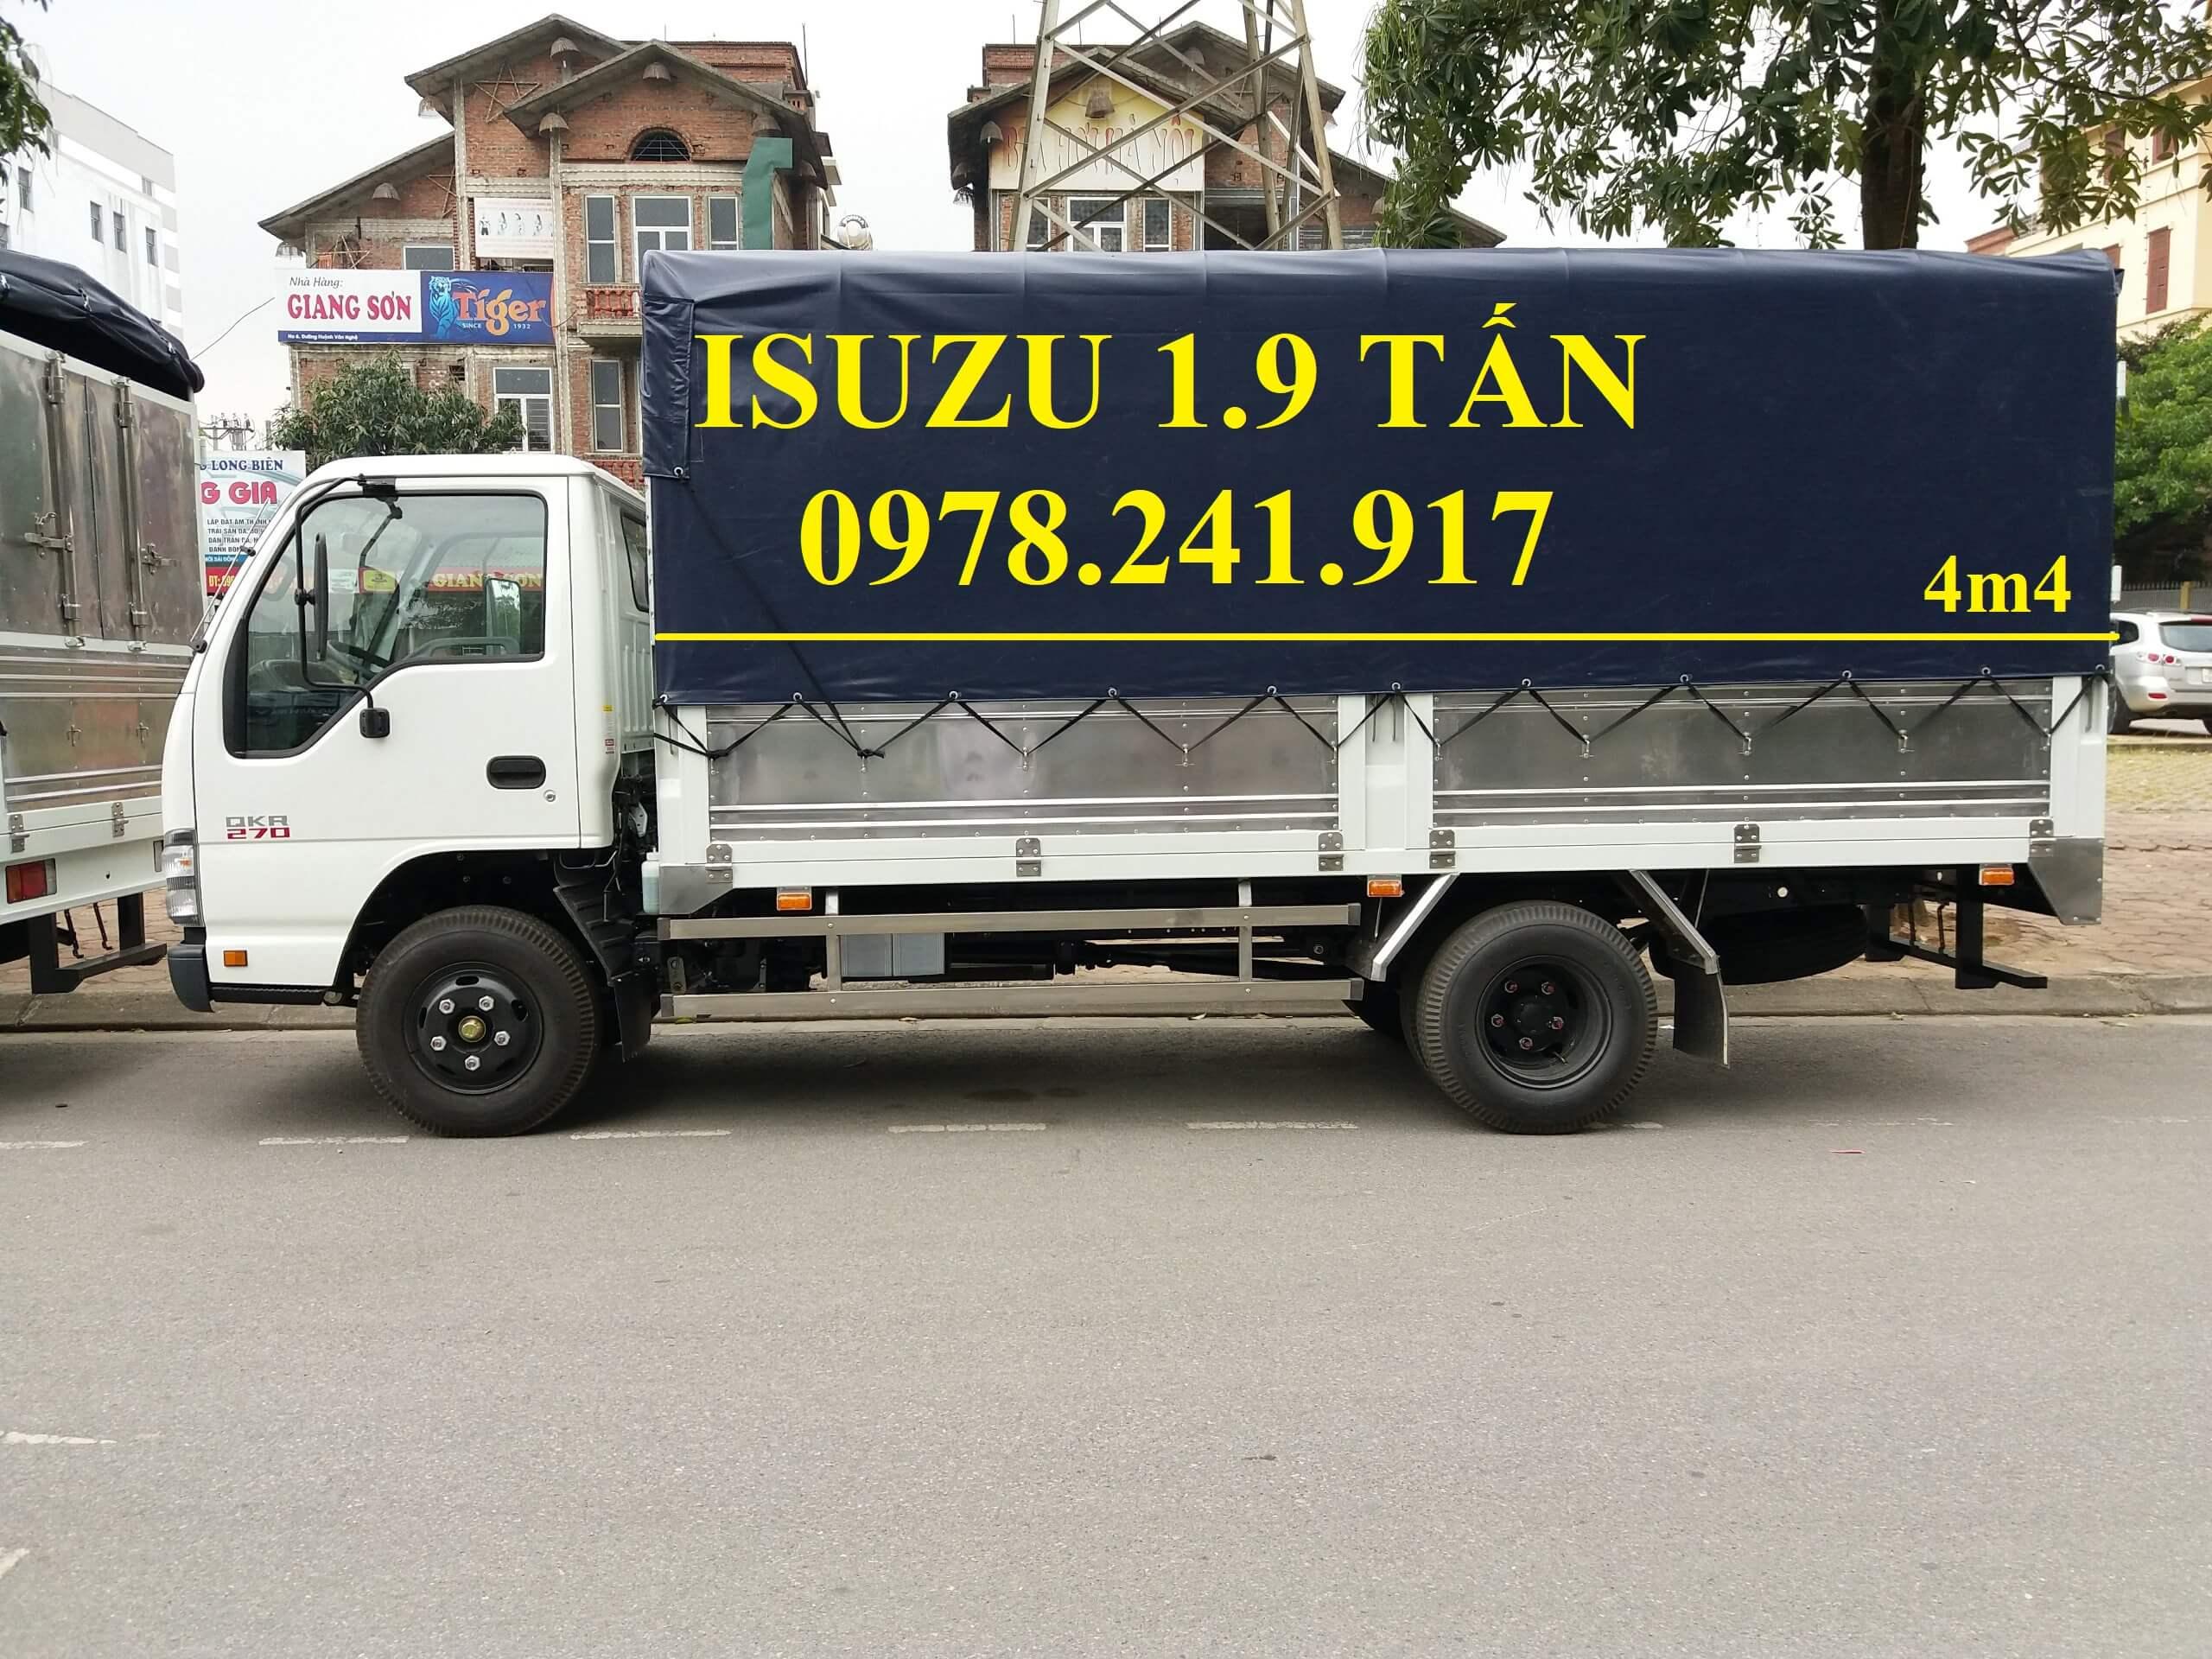 Isuzu 1.9 tấn trả góp chỉ từ 150 triệu